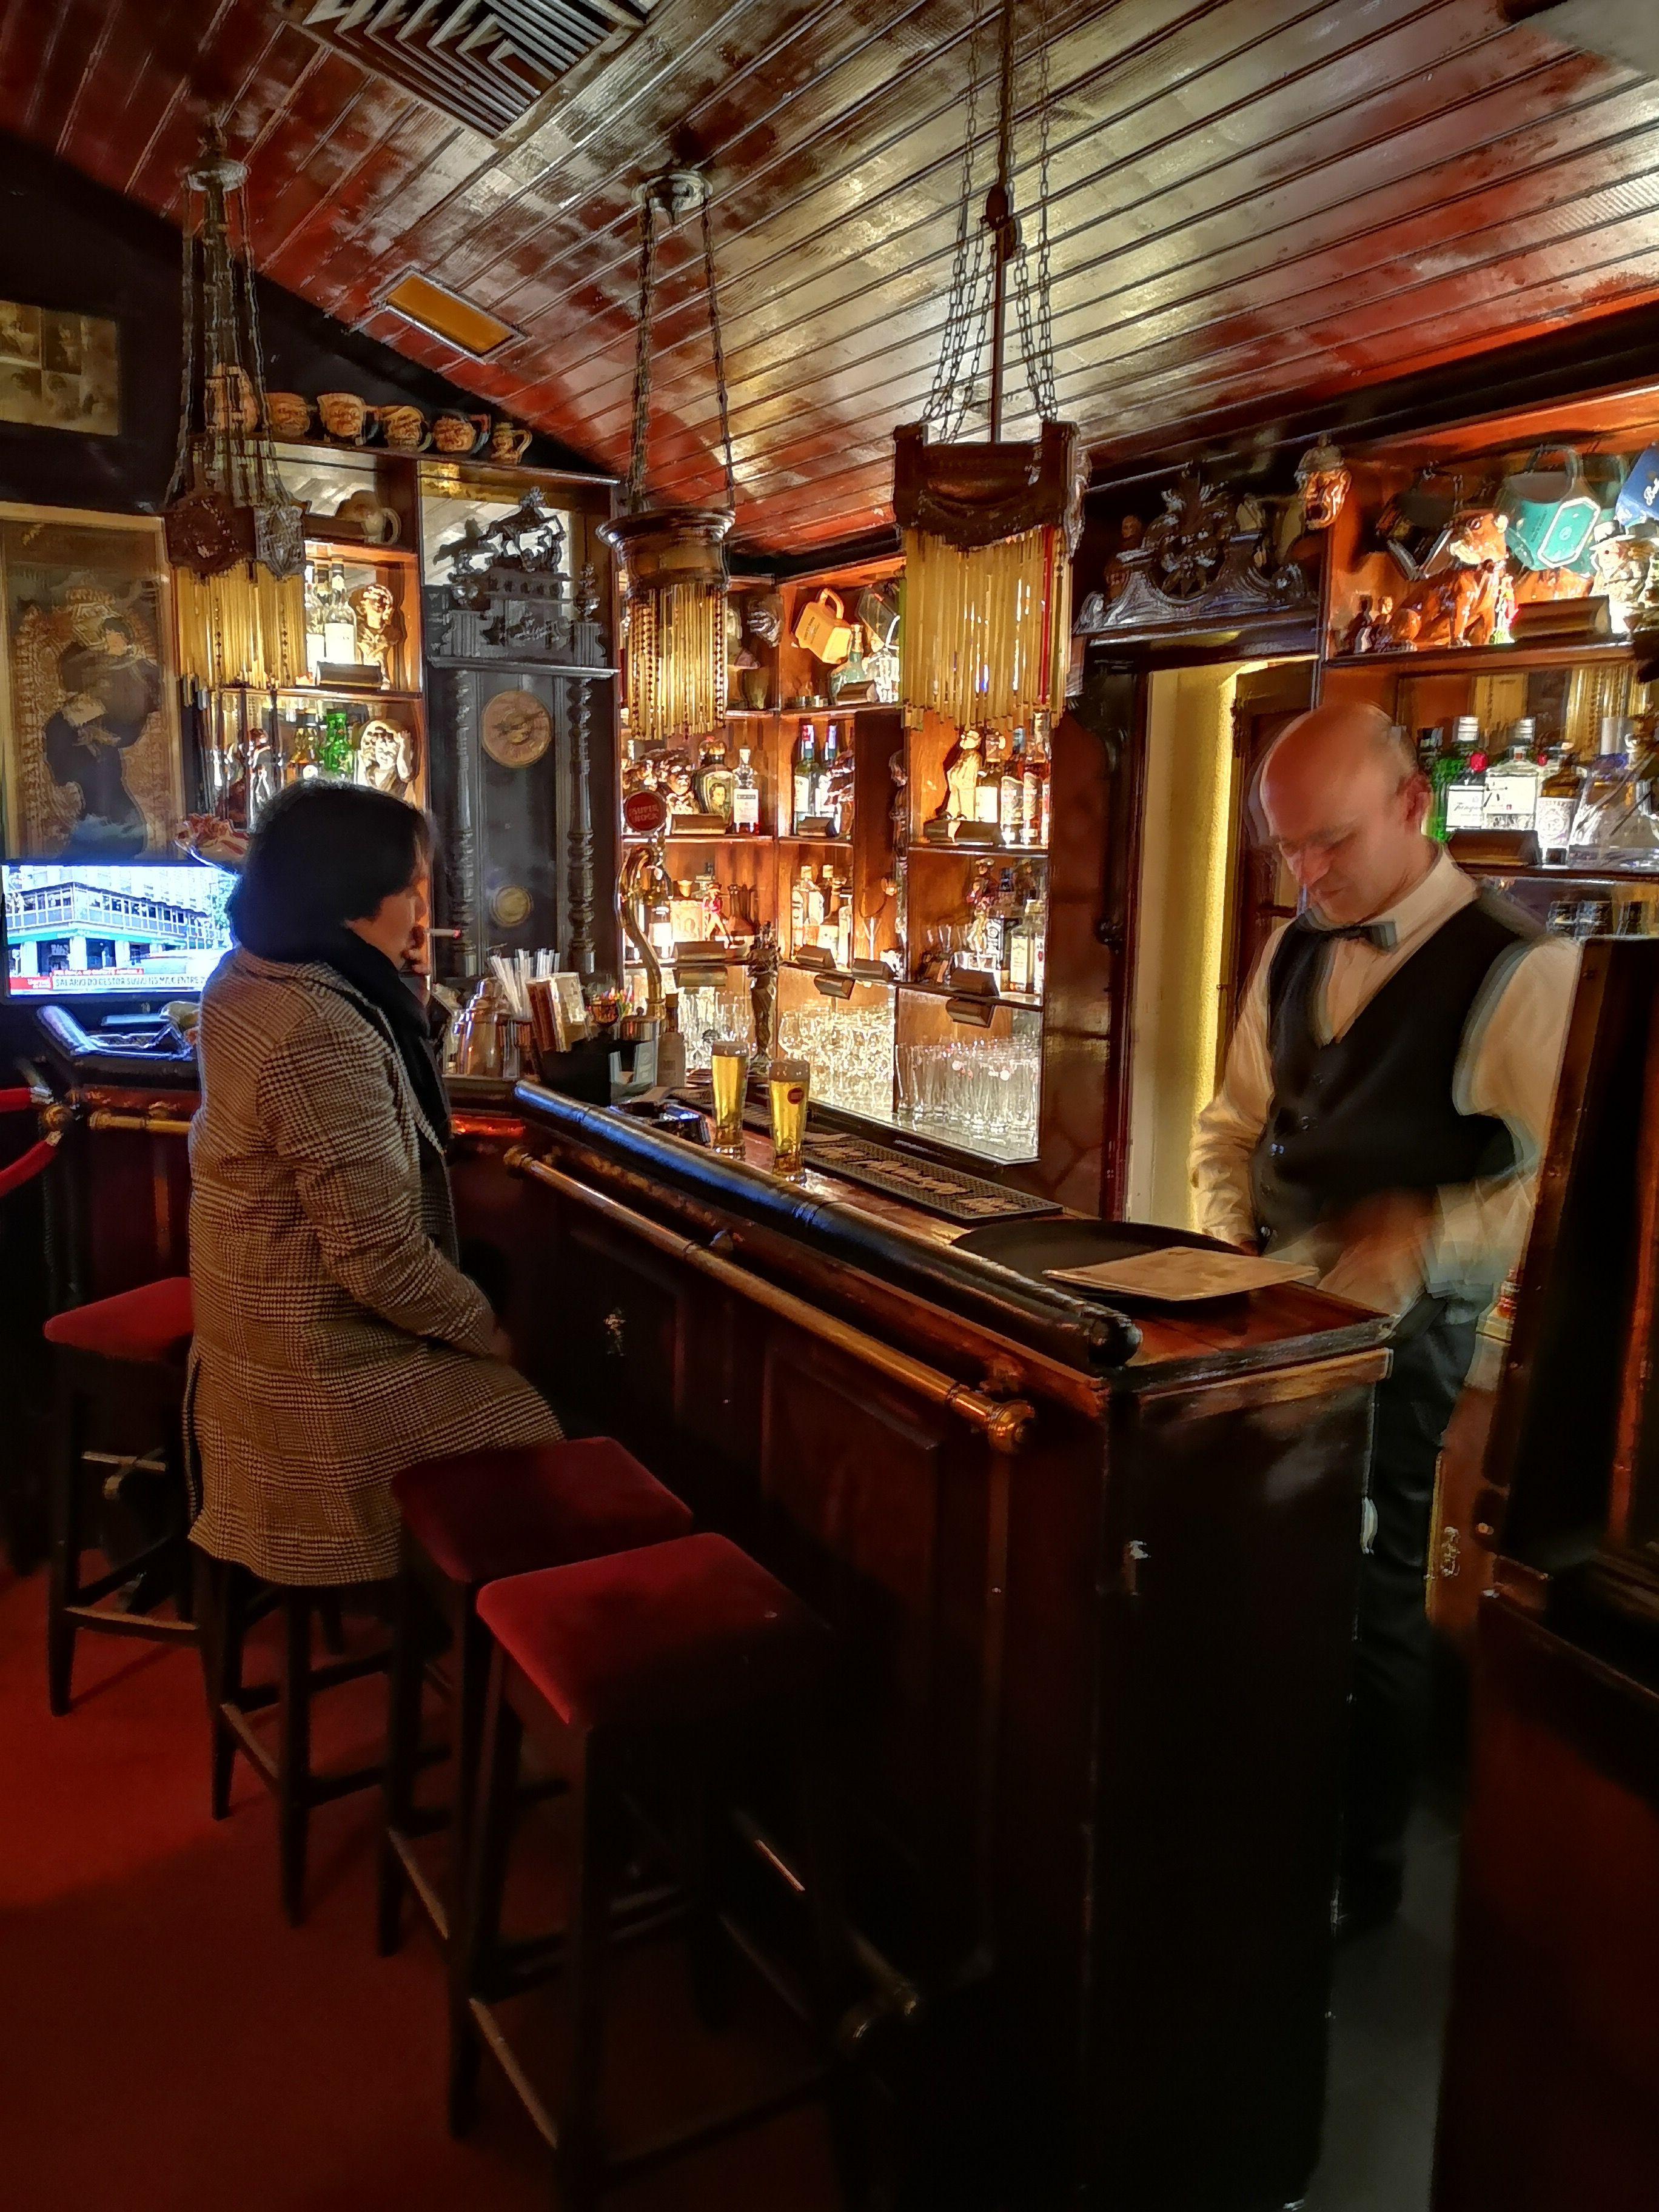 Bar procopio à Lisbonne, un speakeasy célèbre pour ses intrigues politiques pendant la guerre froide.